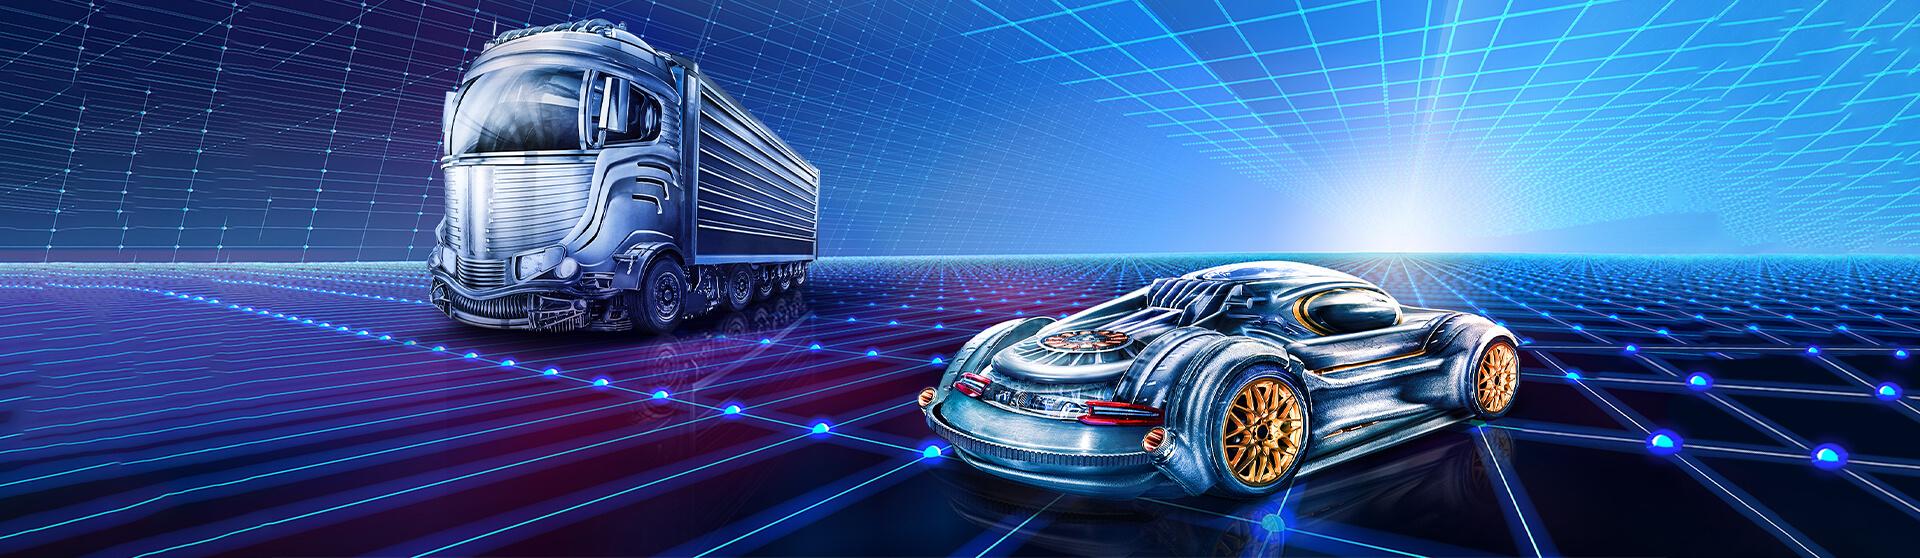 المعرض التجاري الإقليمي الرائد في المملكة  العربية السعودية لقطاع خدمات المركبات.